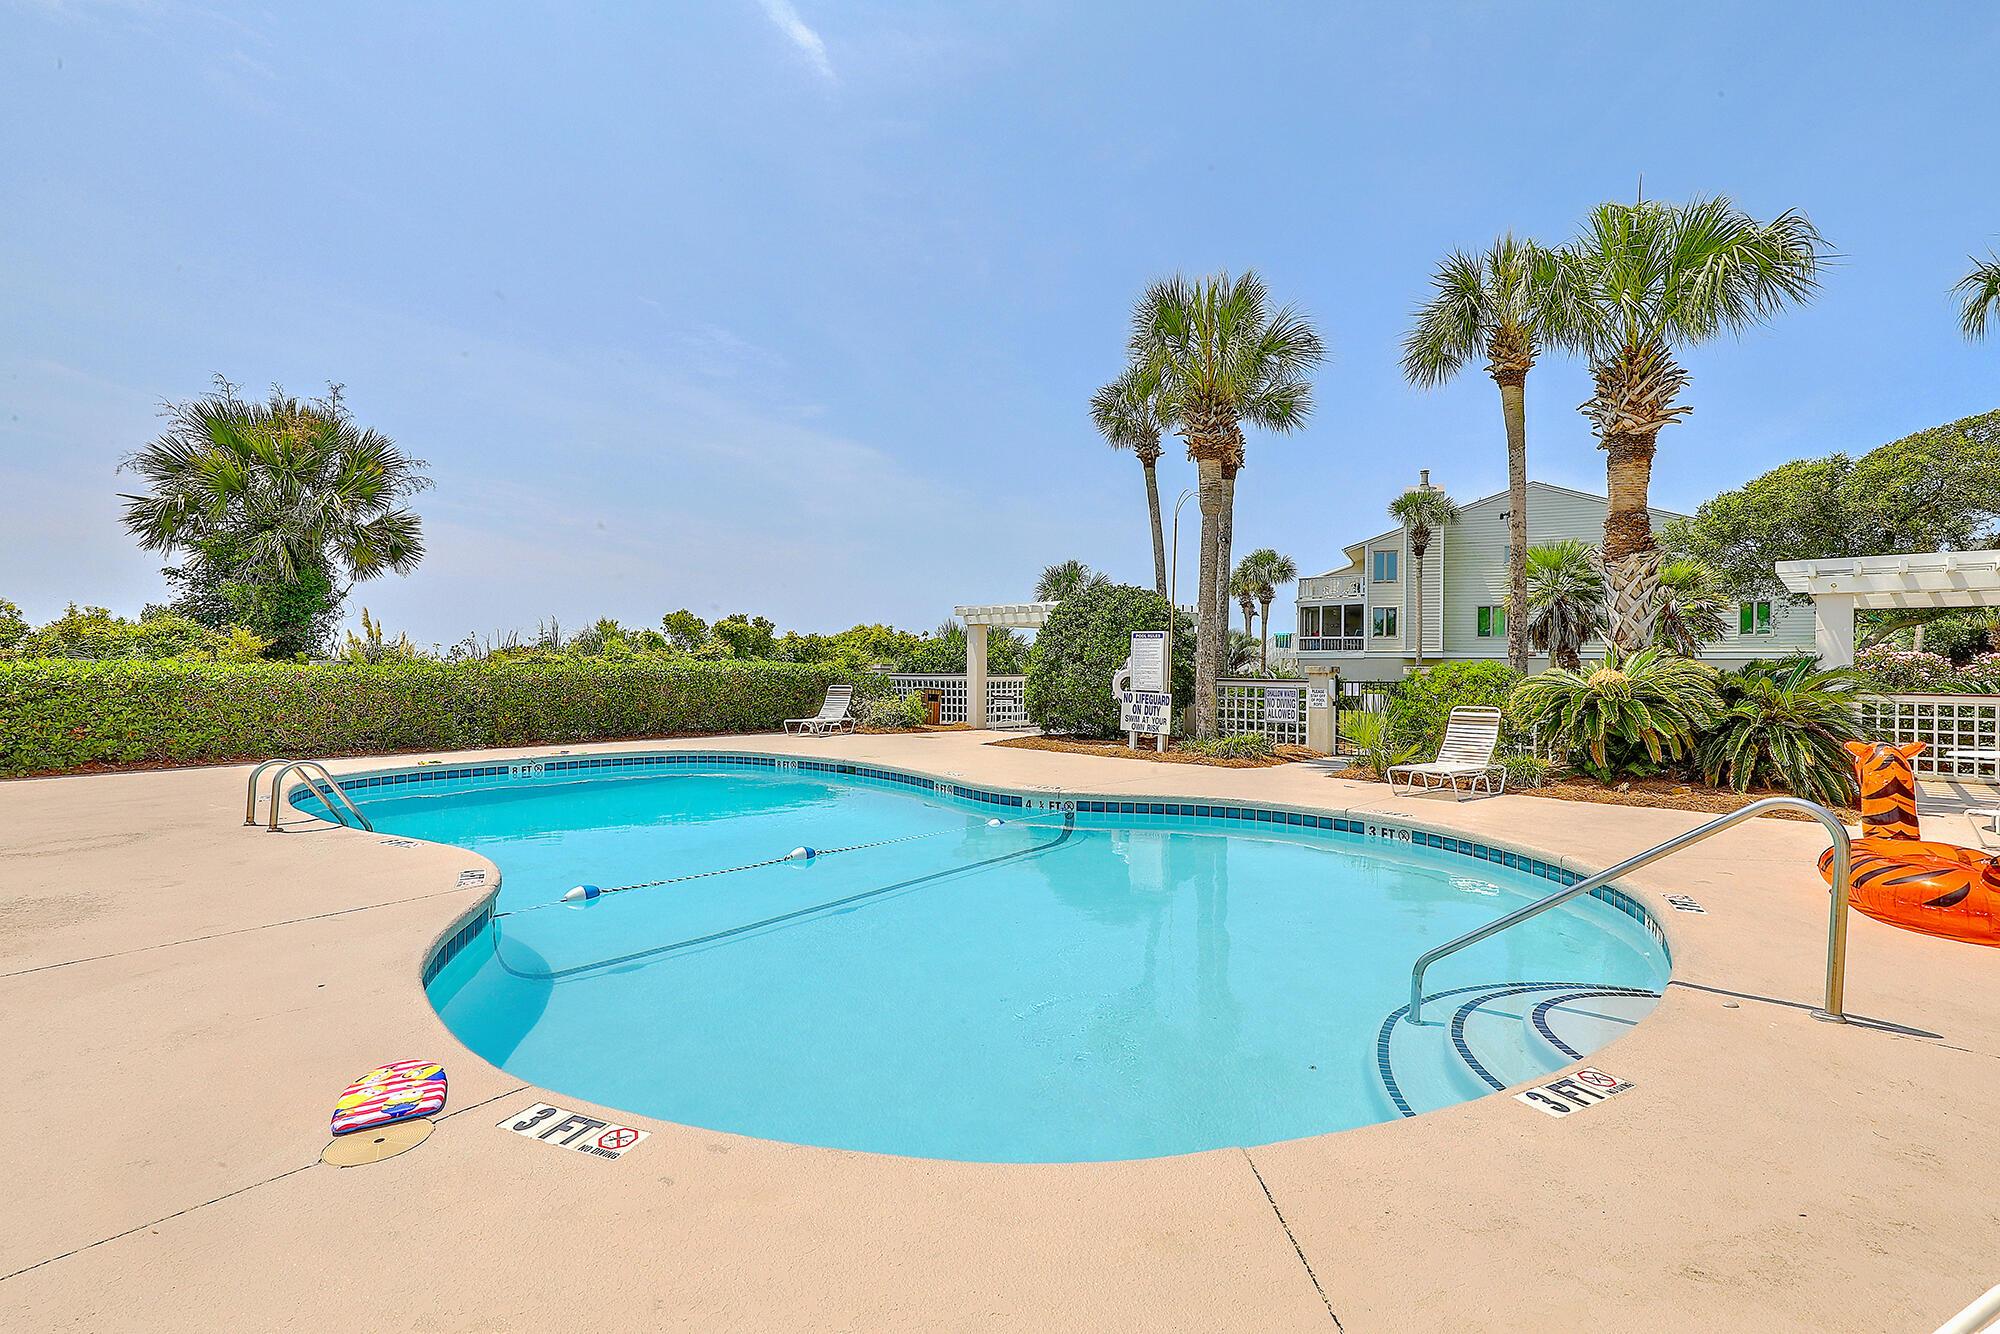 Beach Club Villas Homes For Sale - 15 Beach Club Villas, Isle of Palms, SC - 48